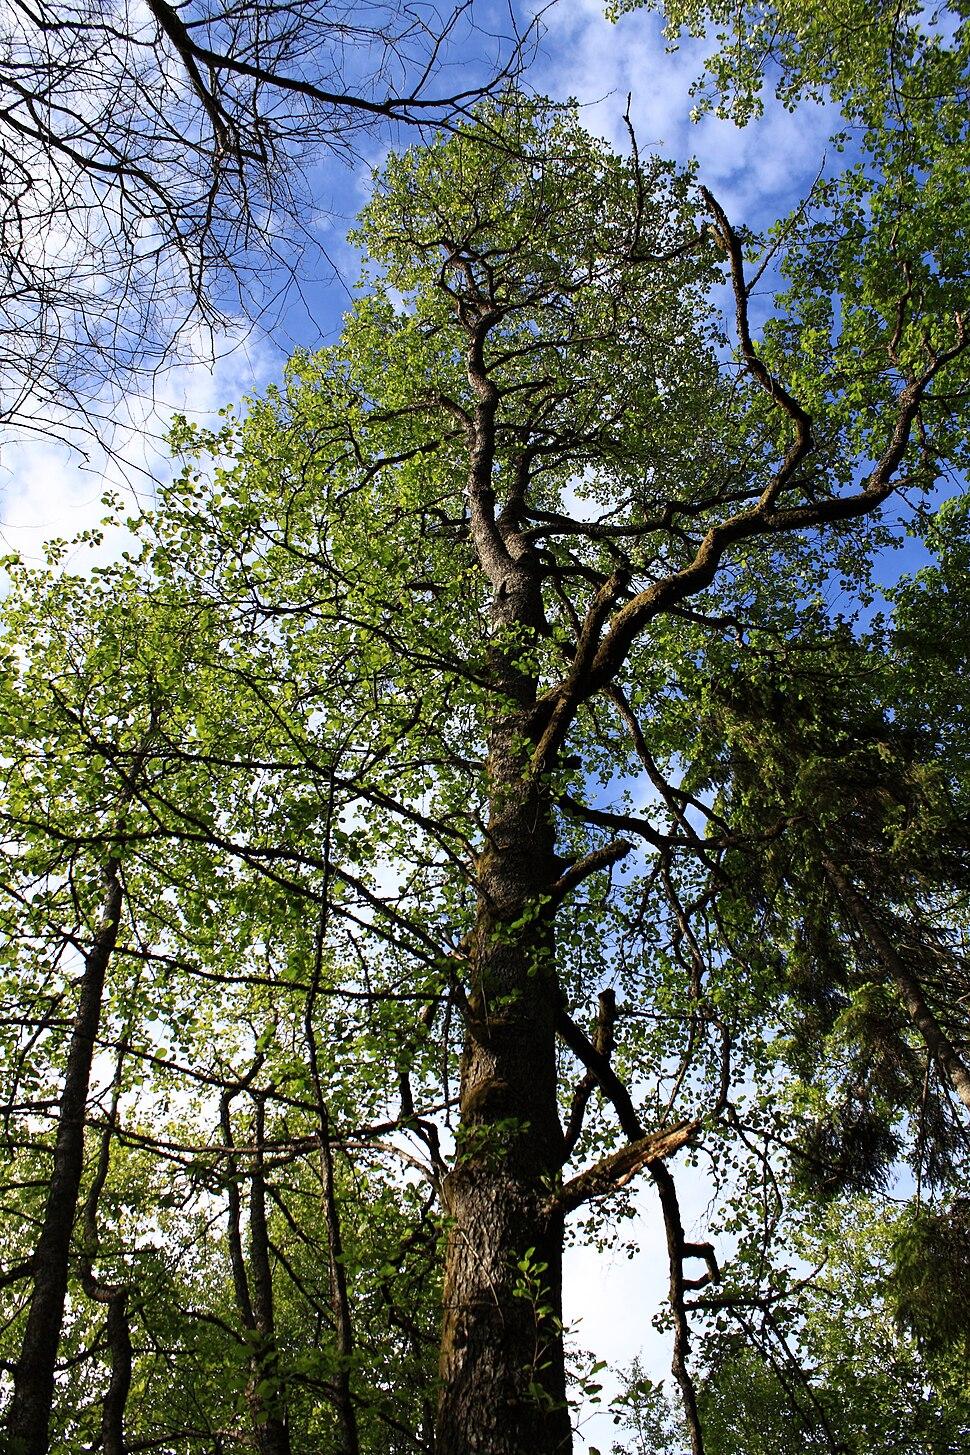 Black alder in spring